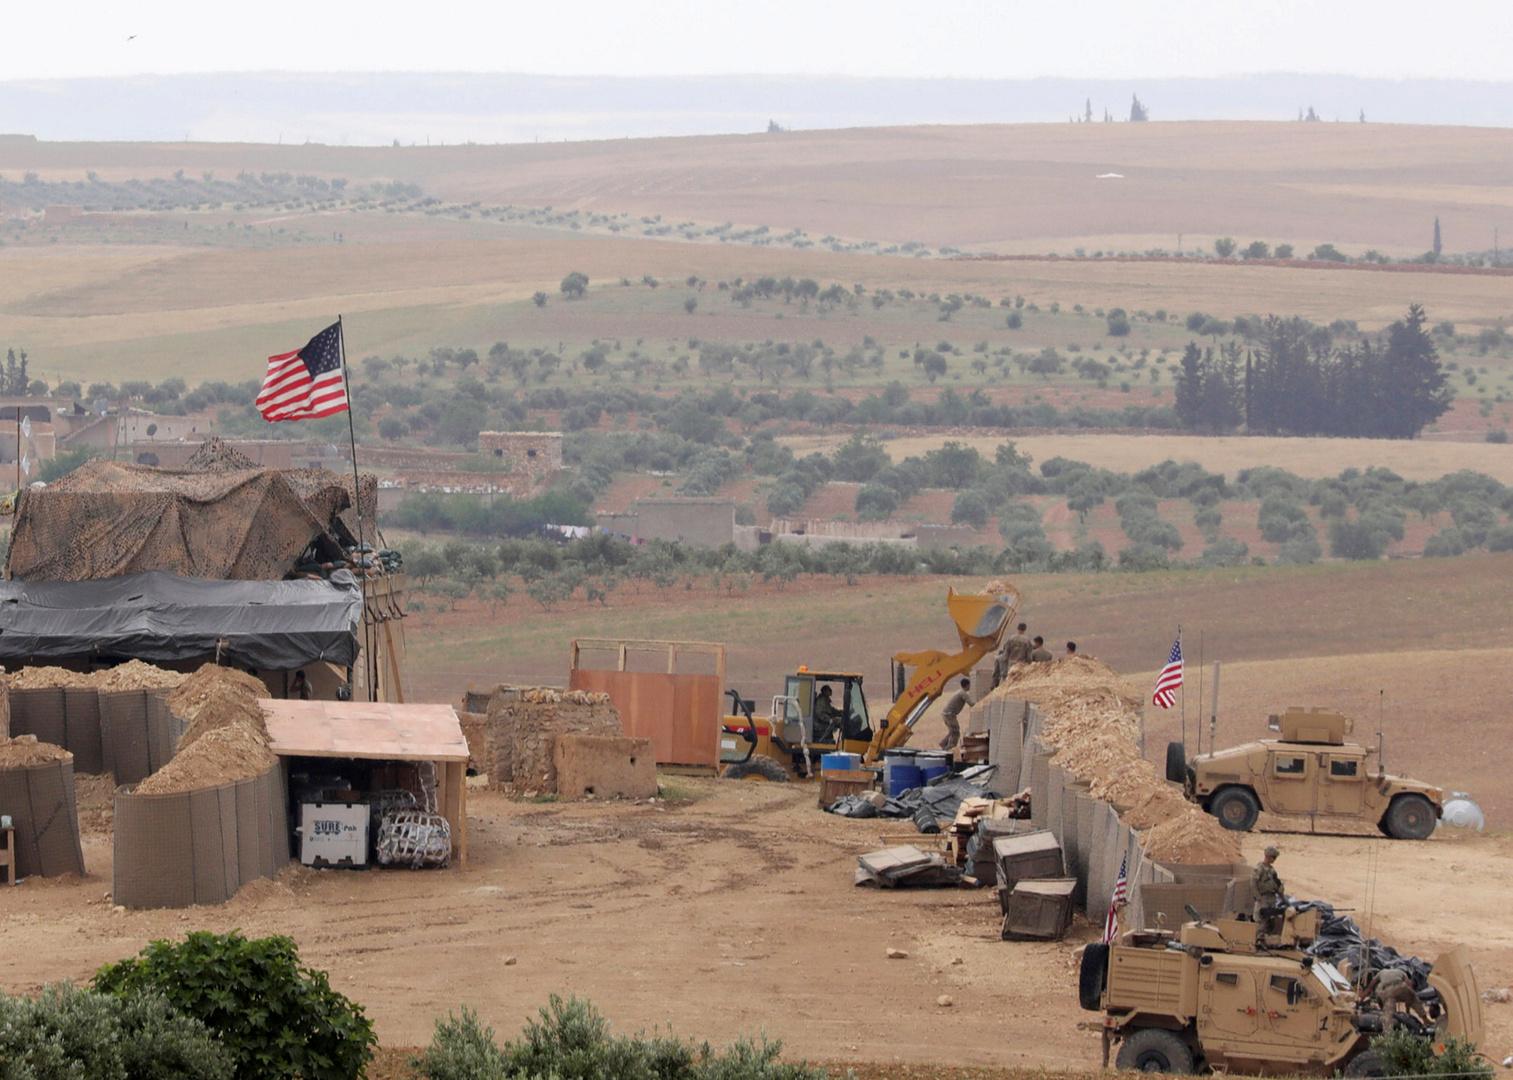 بالفيديو: القوات الأمريكية تعزز مواقعها في الحسكة السورية